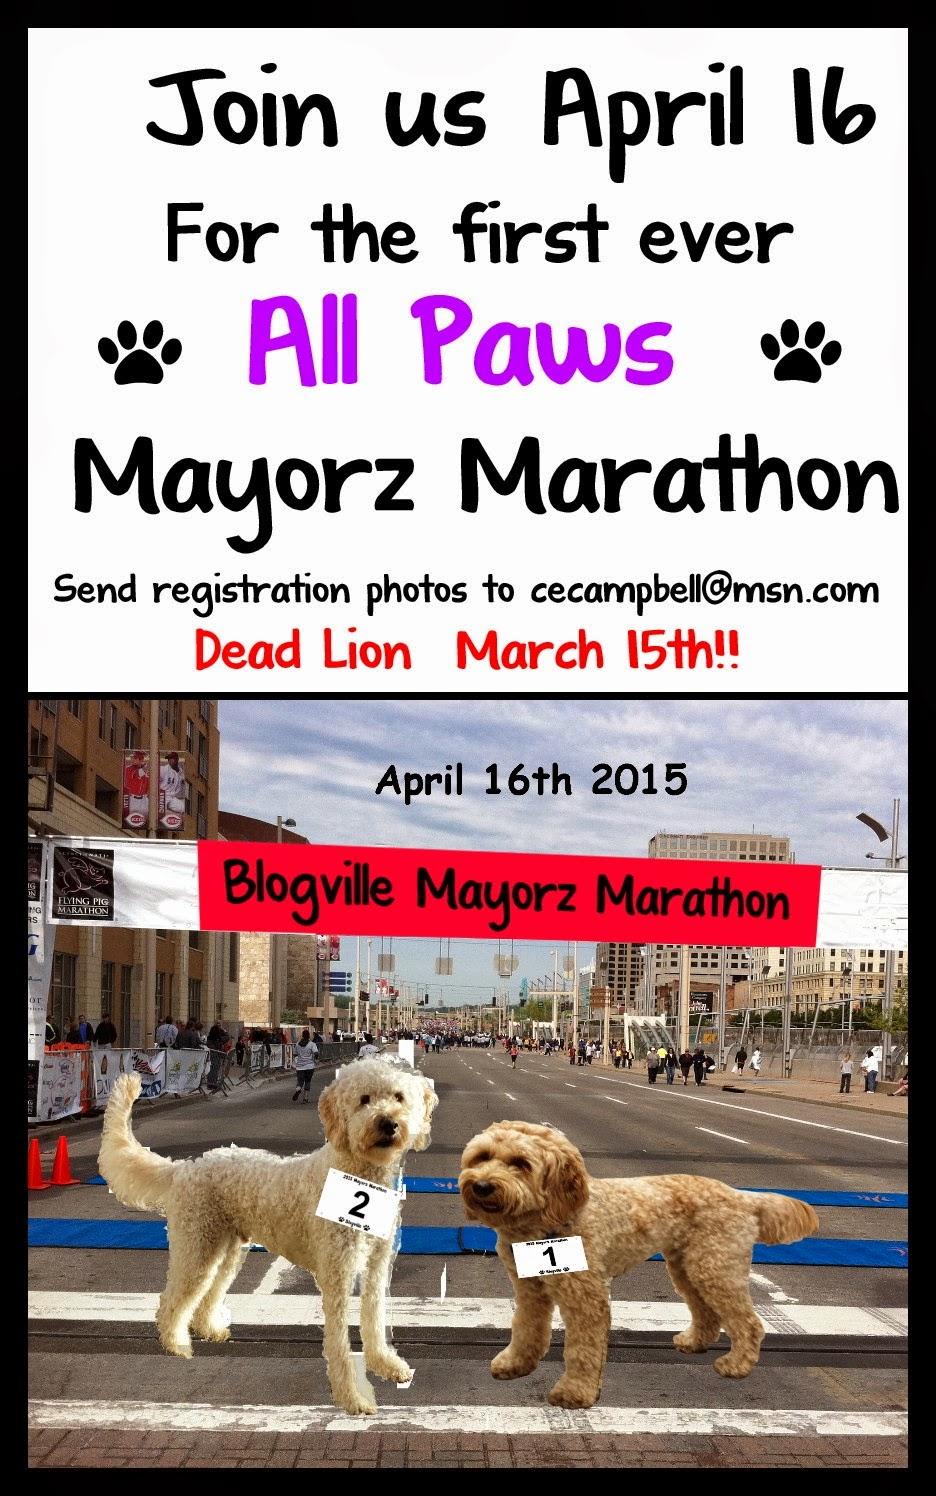 http://murphyandstanley.blogspot.com/2015/01/official-announcement-mayorz-marathon.html